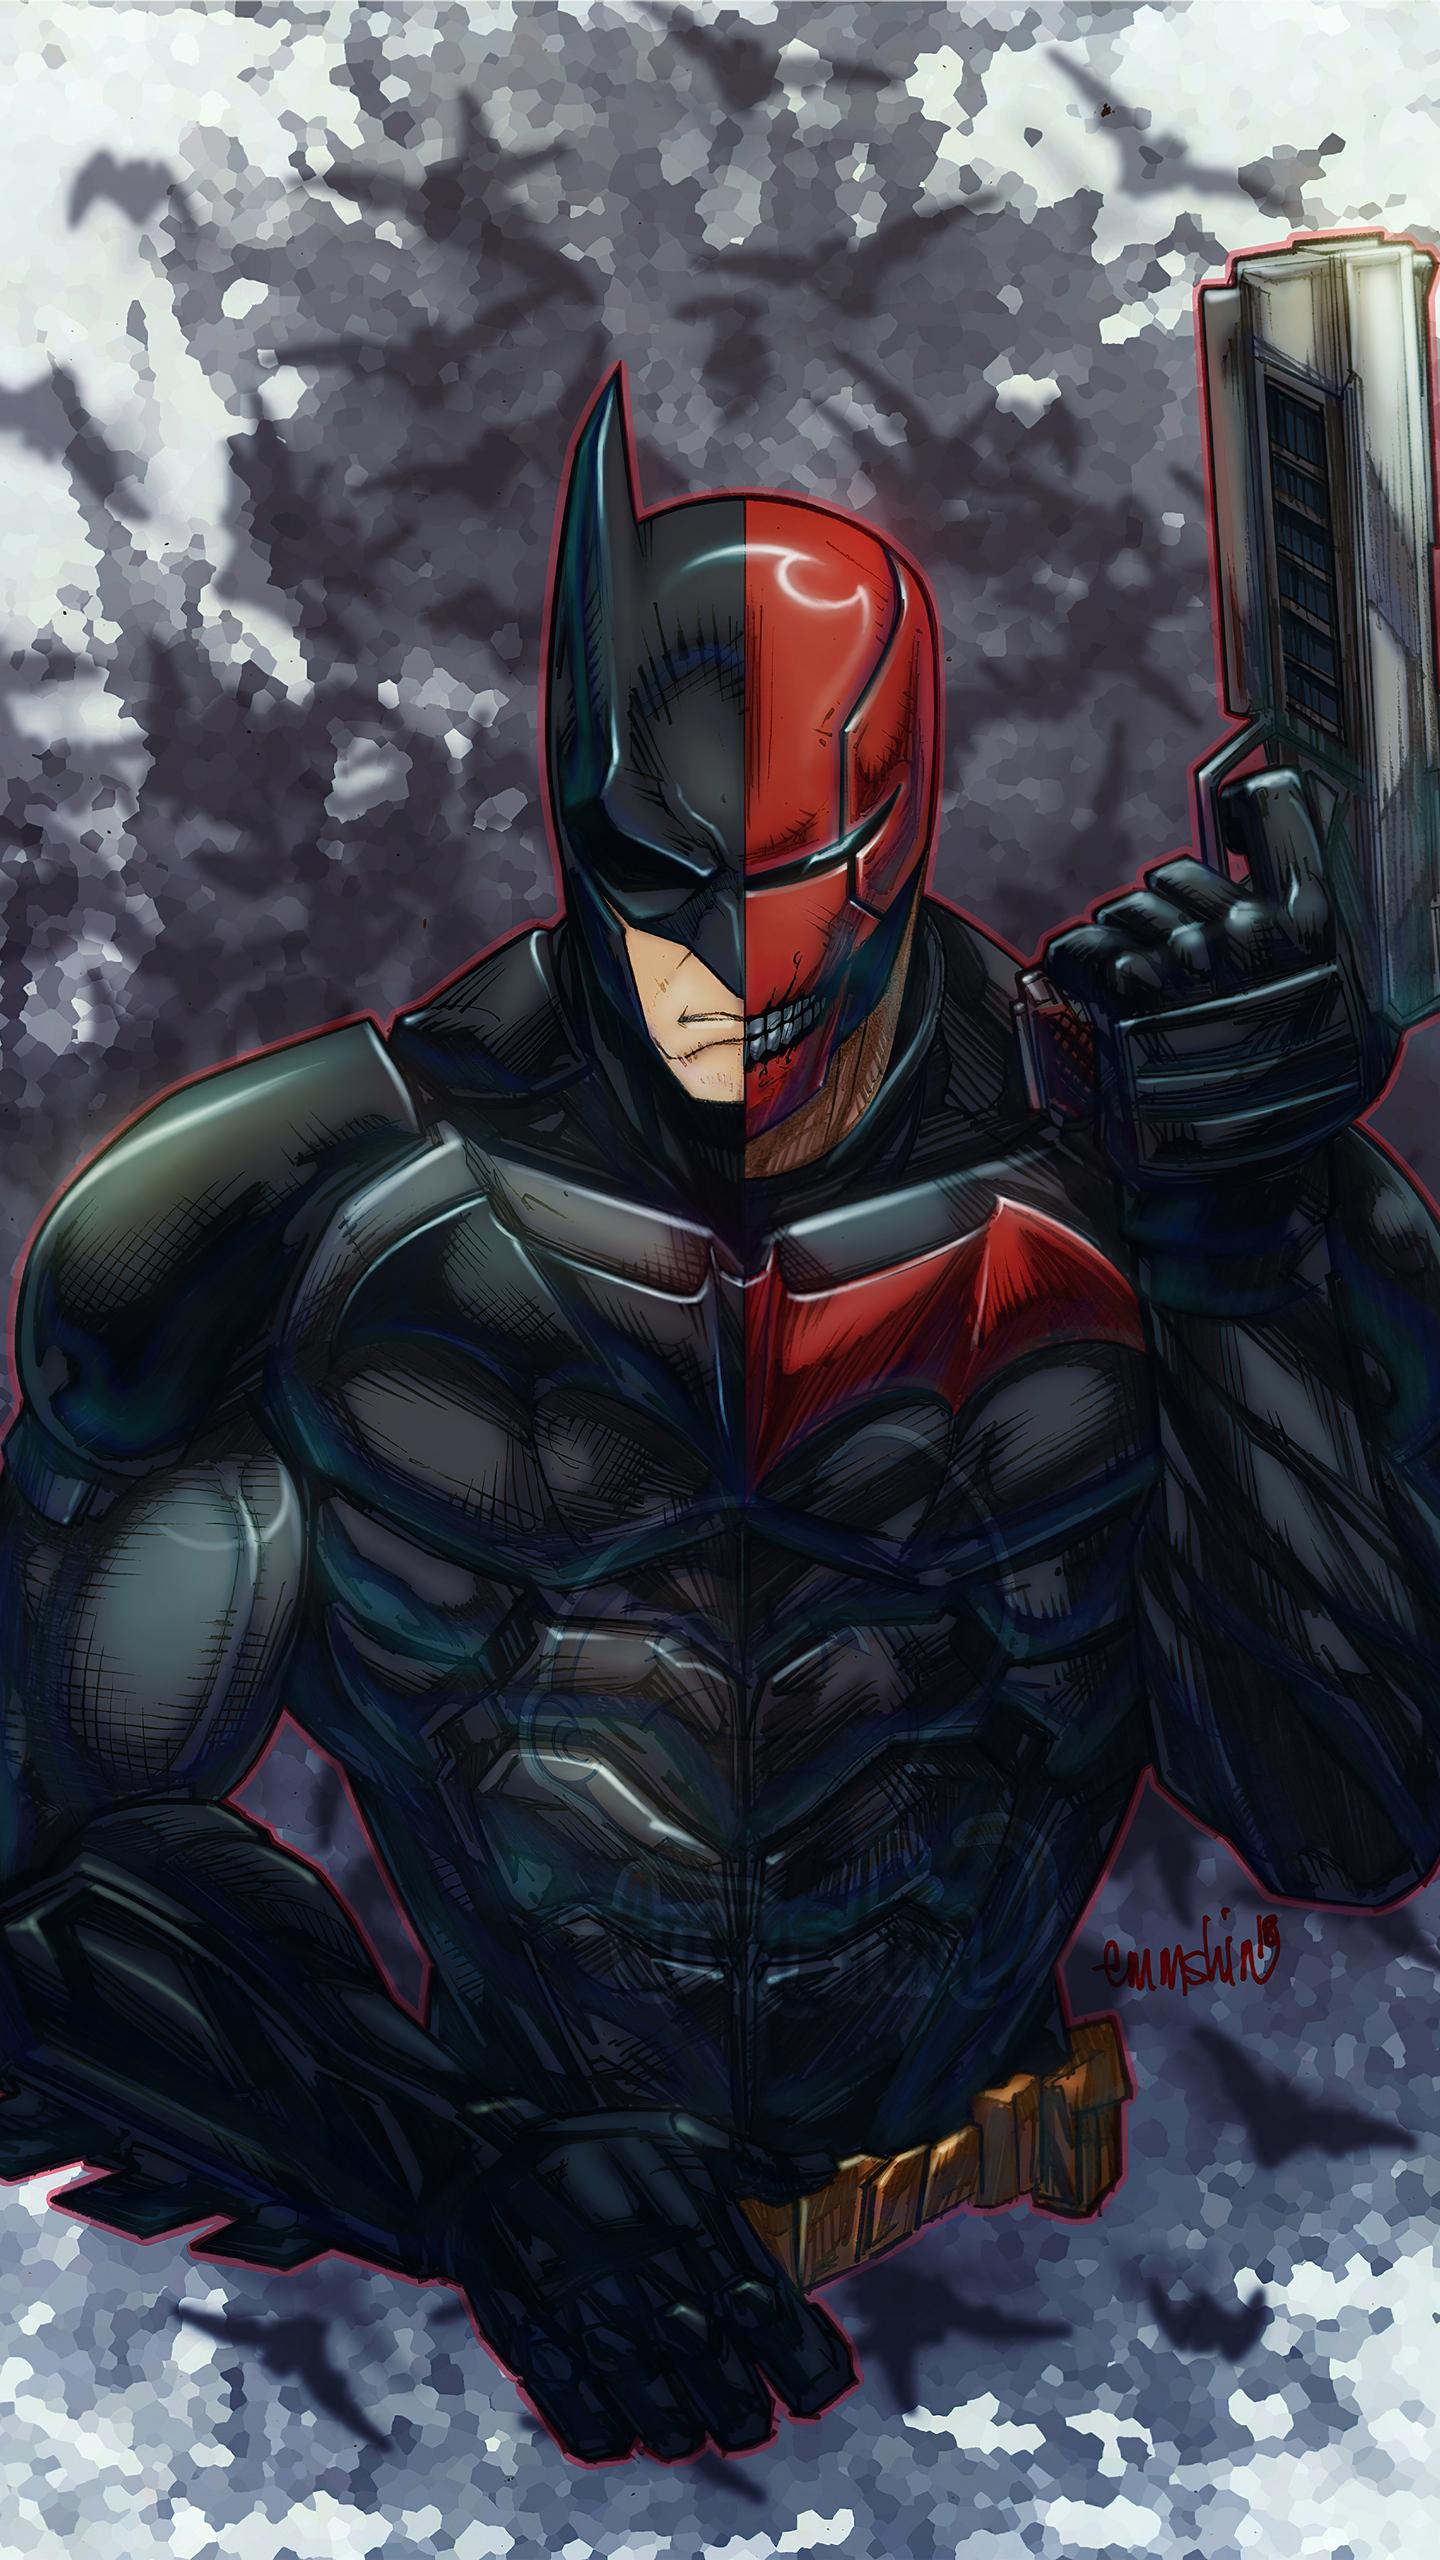 batman-x-redhood-4k-0c.jpg